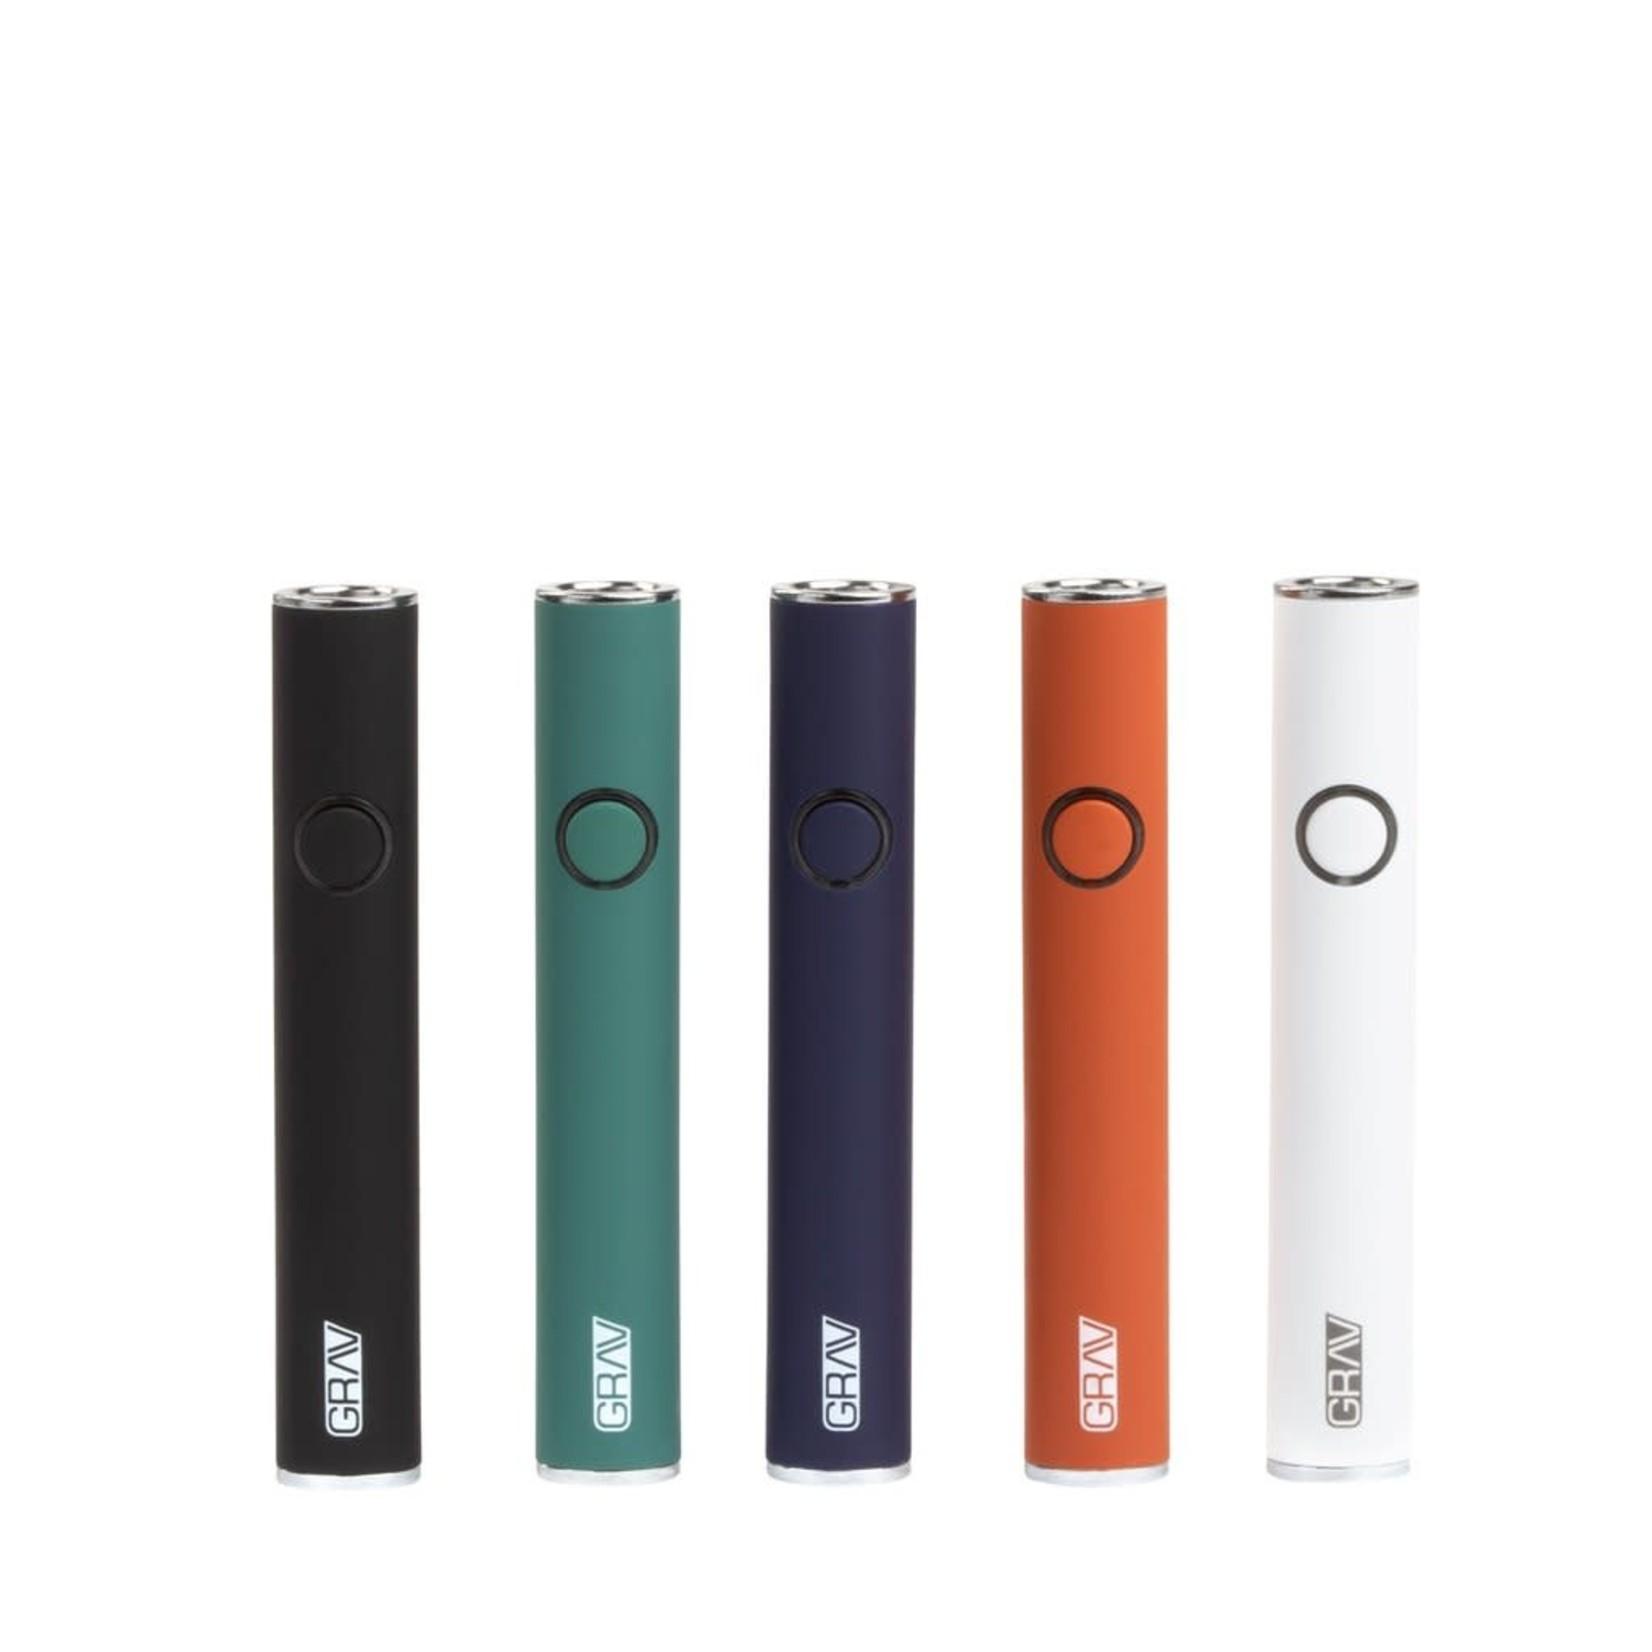 GRAV CBD Vape Battery